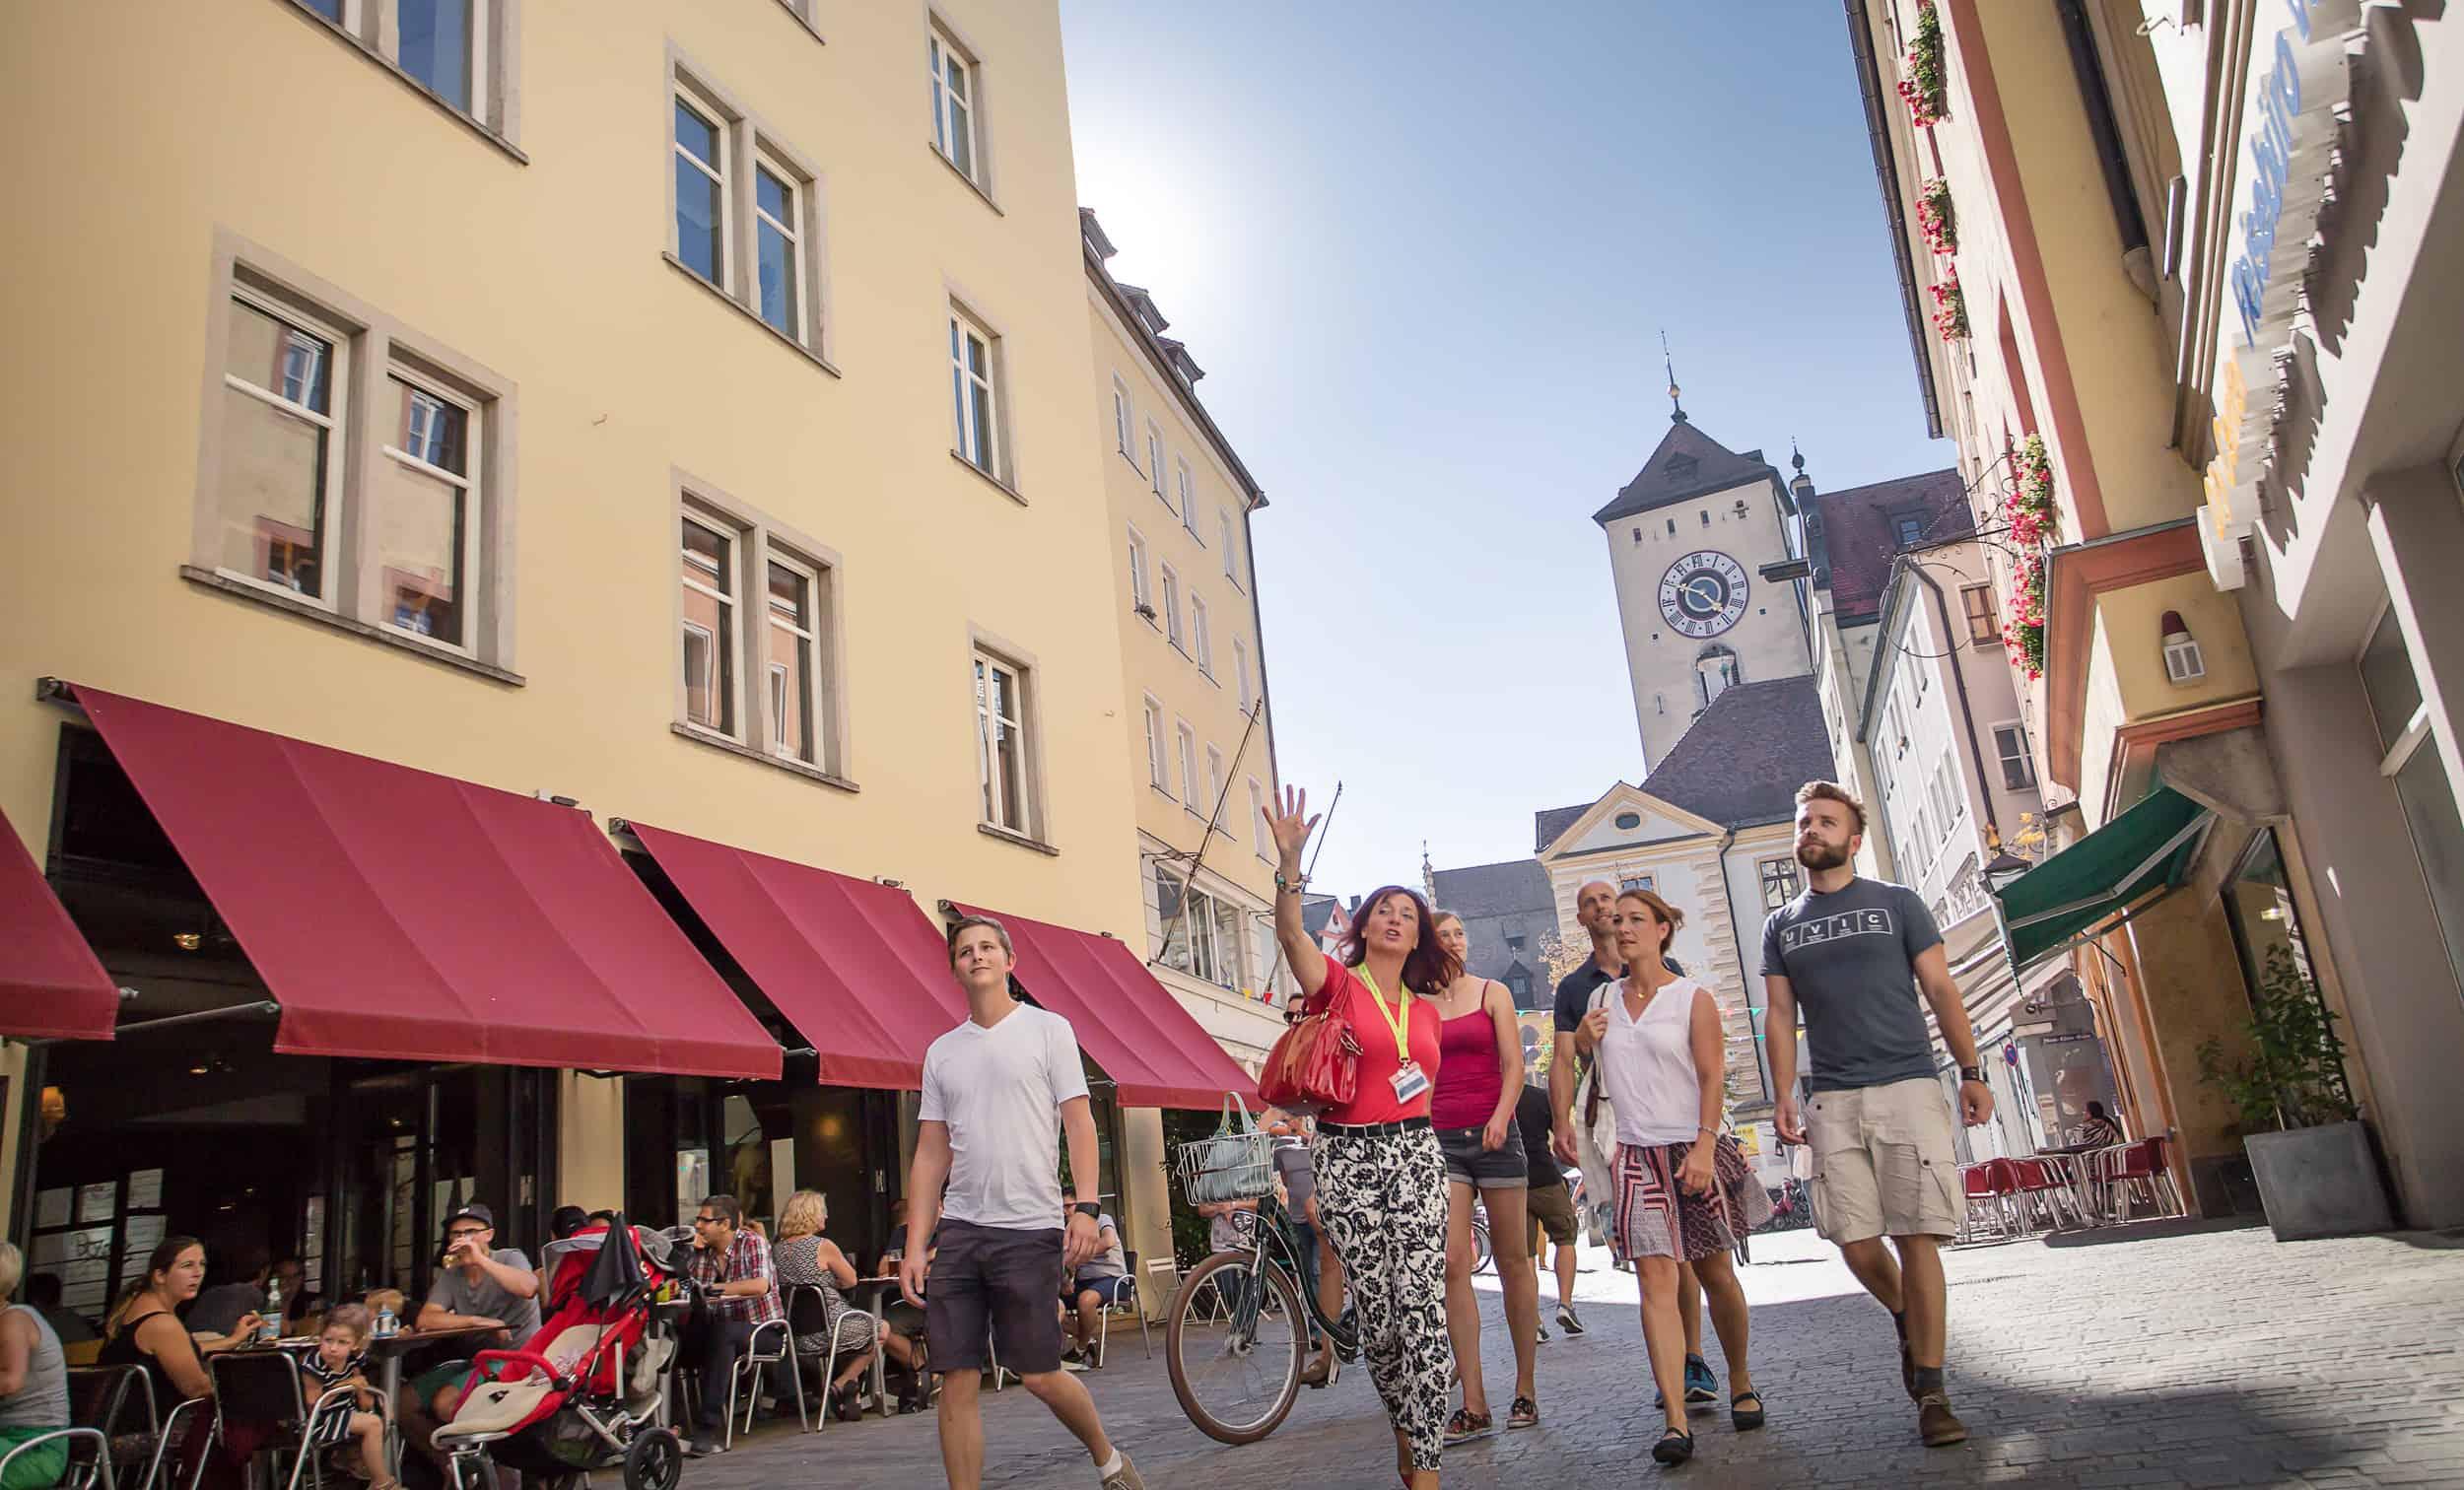 Tourismus in der Region Regensburg weiter im Aufwind